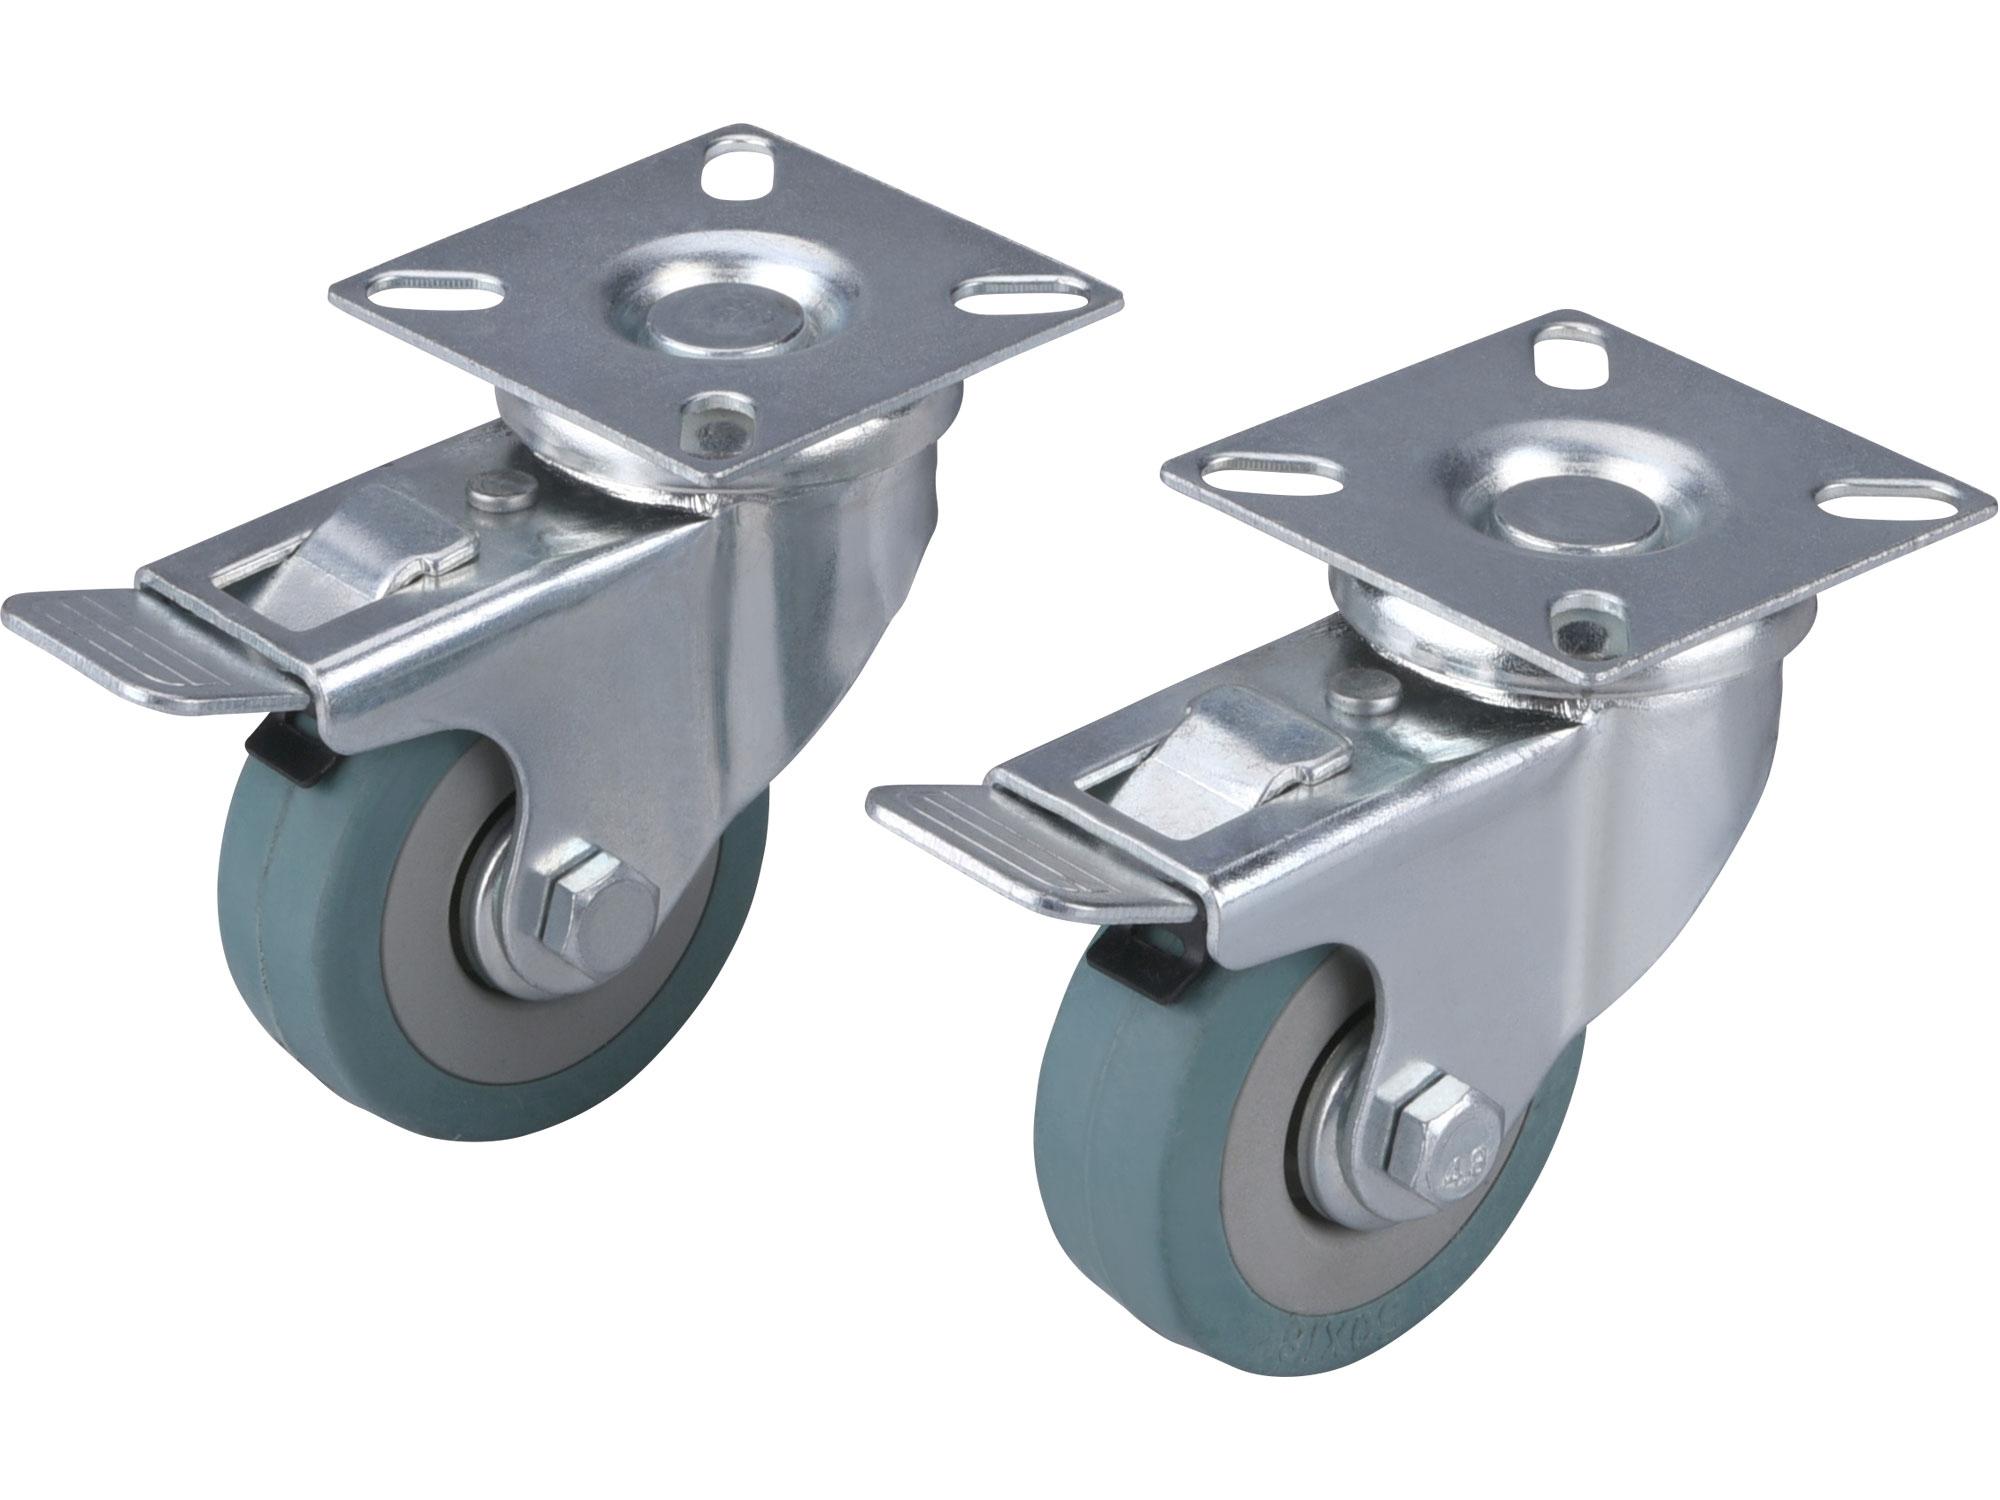 kolečka otočná s obručí ze šedé pryže a brzdou, sada 2ks, průměr 50mm